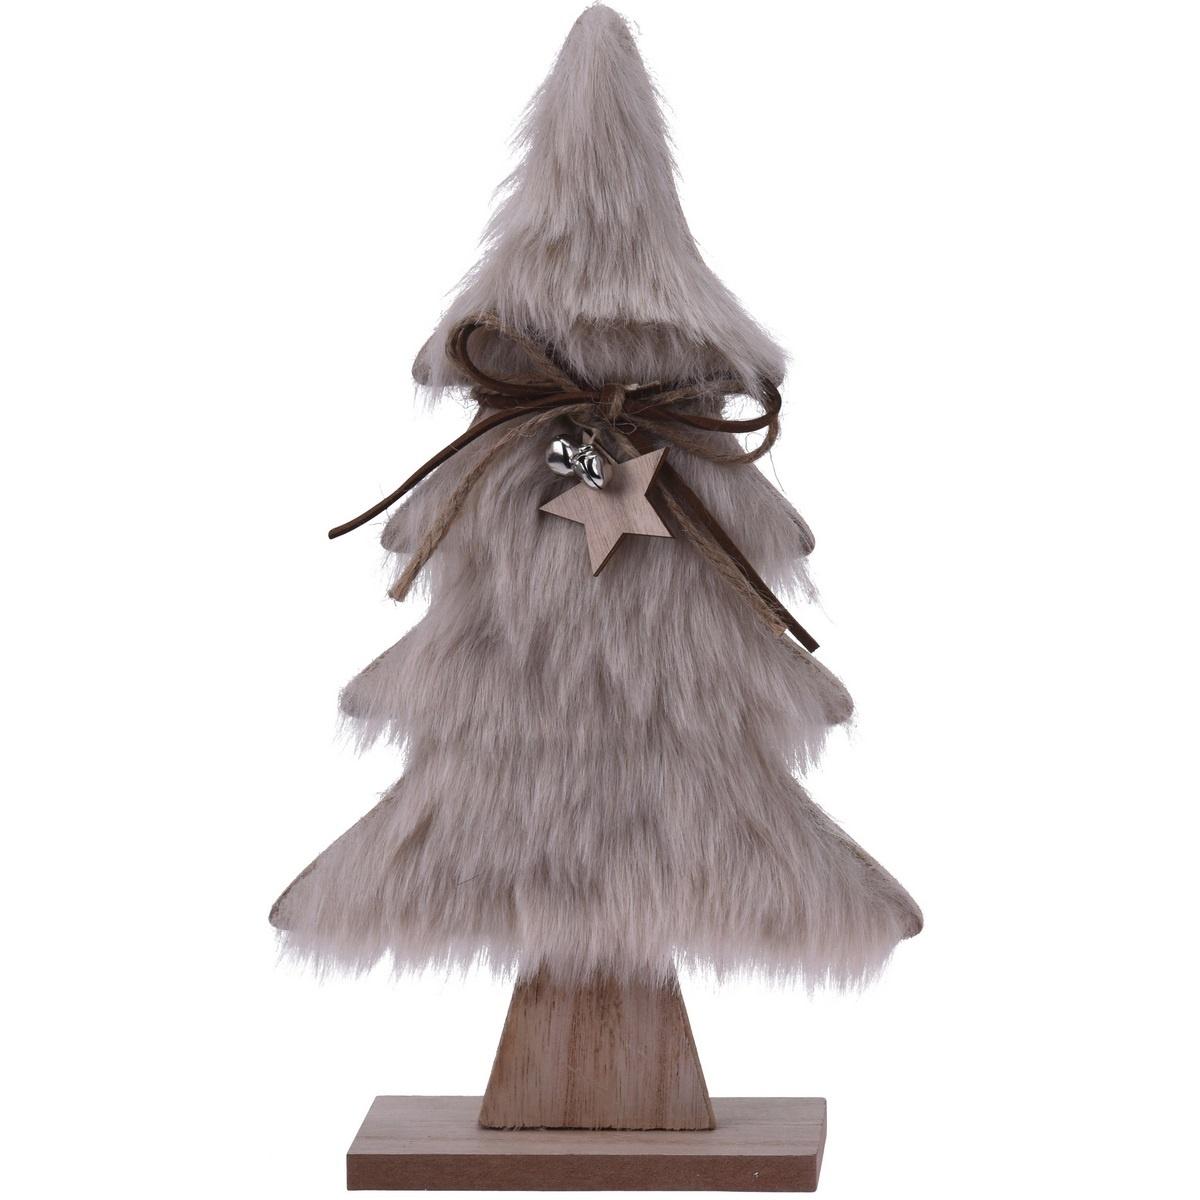 Vánoční dekorace Hairy tree světle hnědá, 28 cm